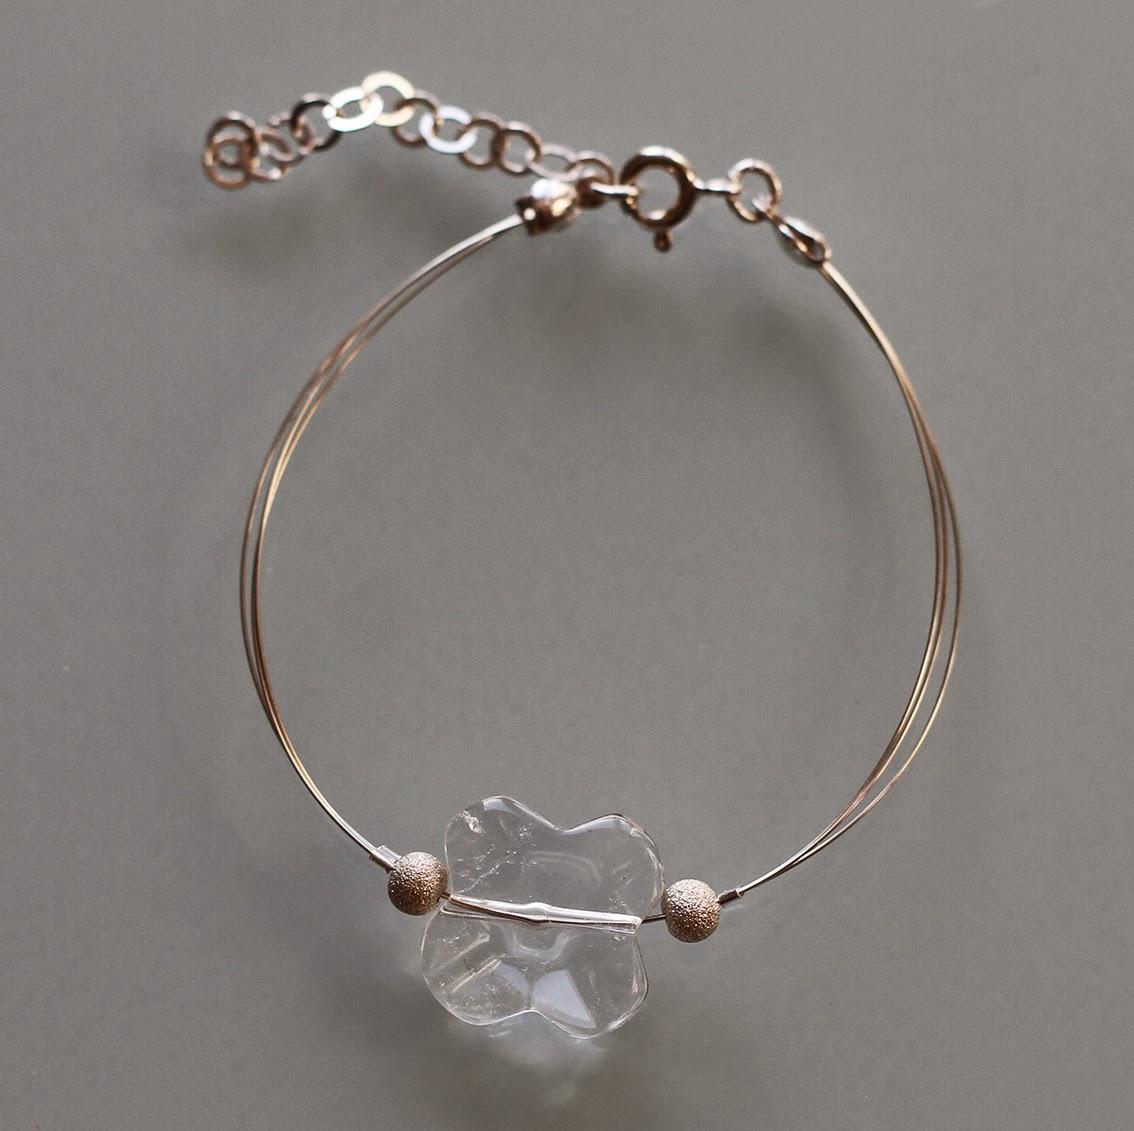 http://majelabijoux.blogspot.fr/2015/02/hello-aujourdhui-cest-un-bracelet.html